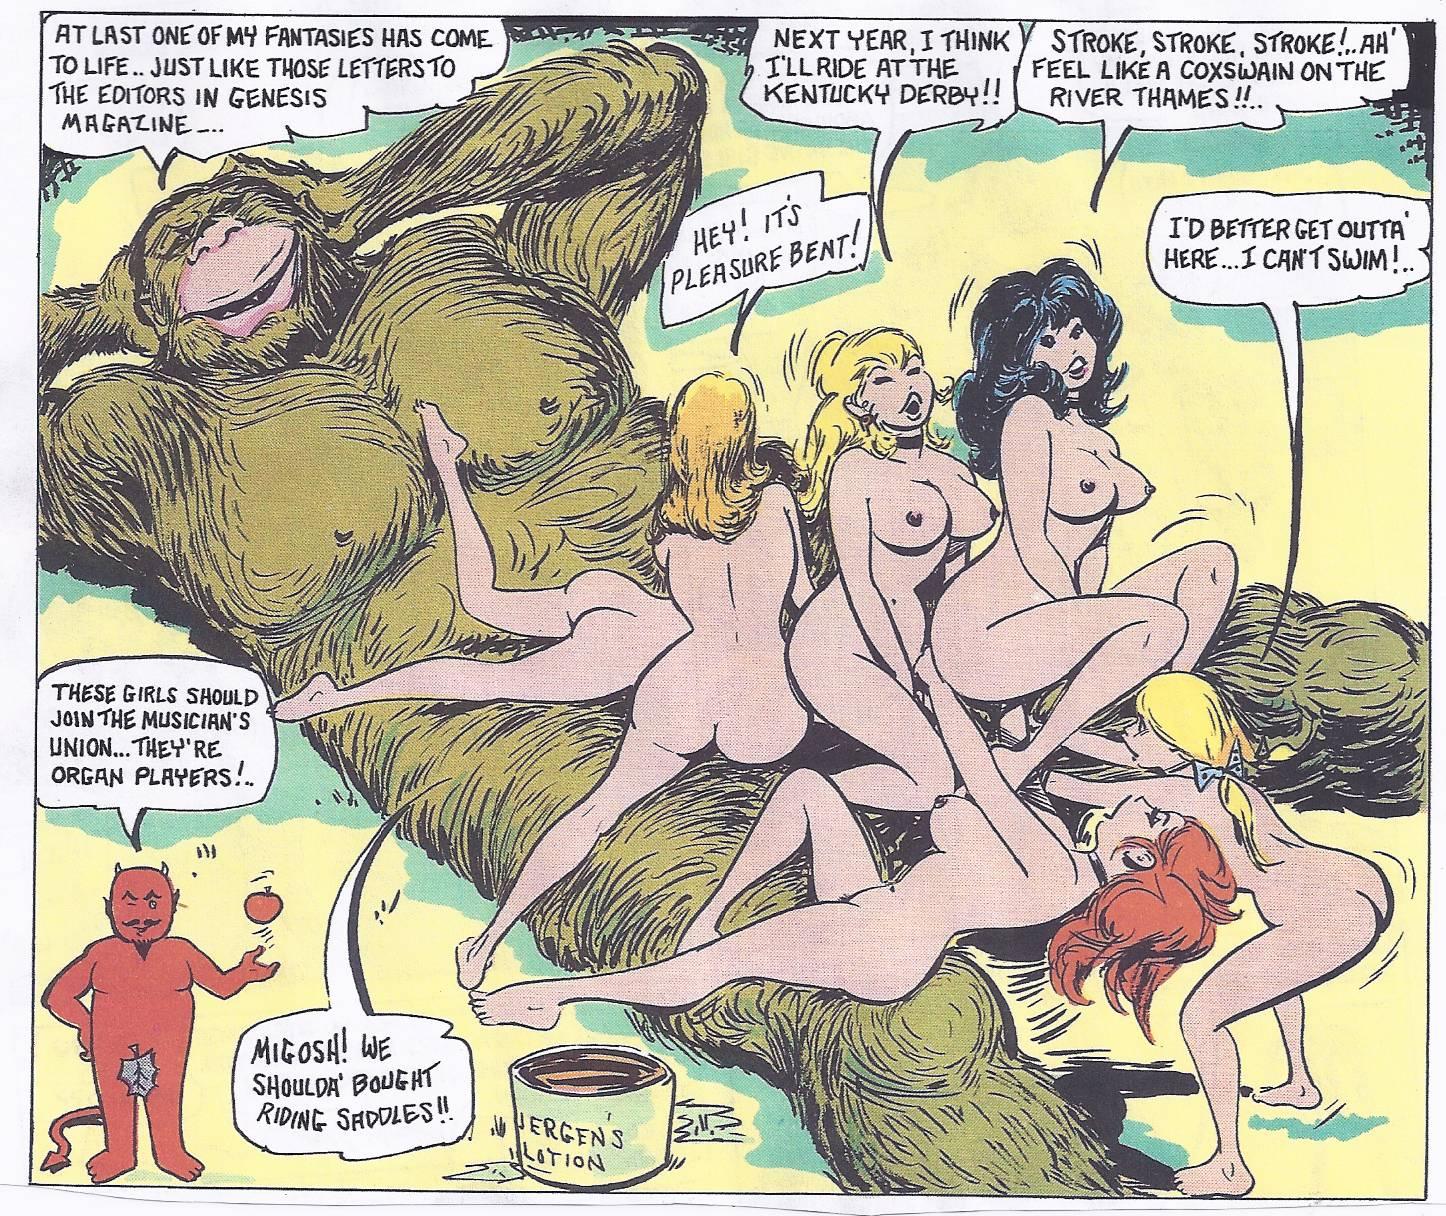 Peliculas de king kong porno en español King Kong Porno Build Your King Kong Porno Collection All For Free